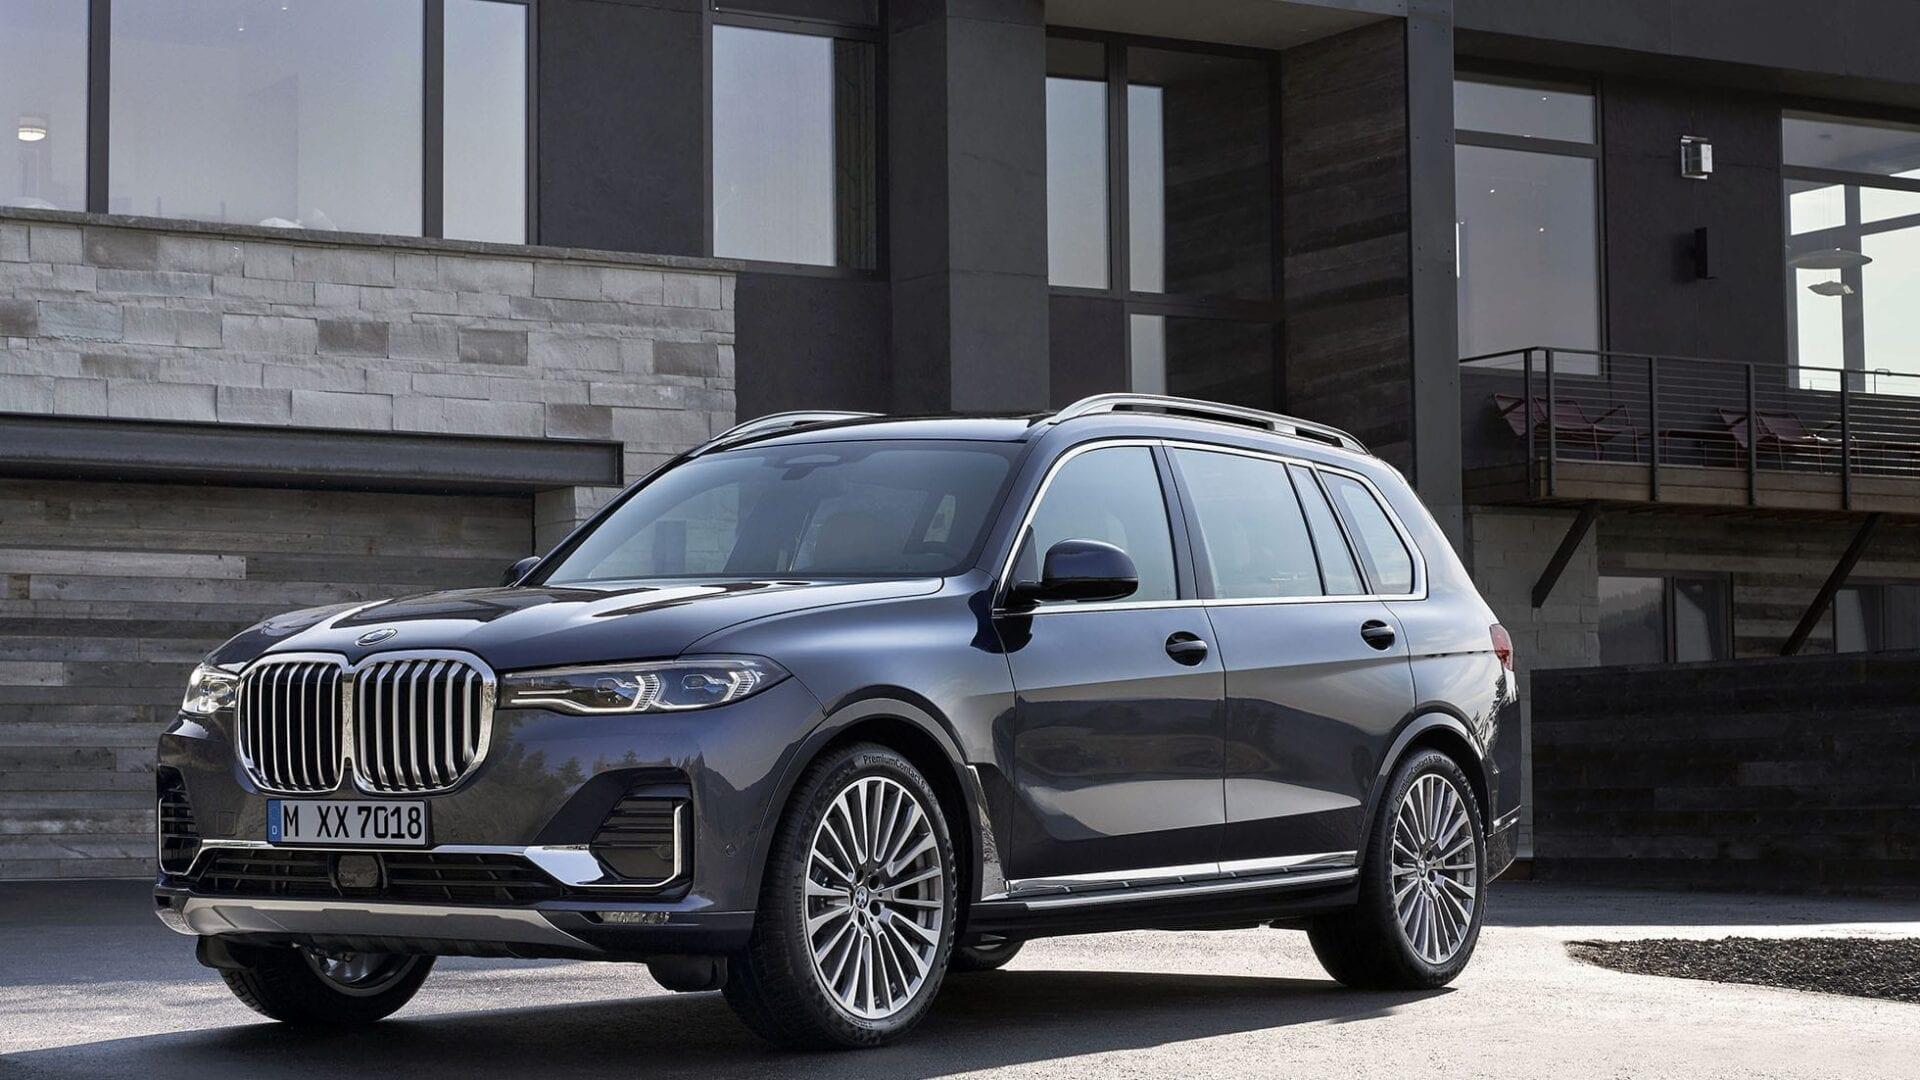 Vista general del BMW X7